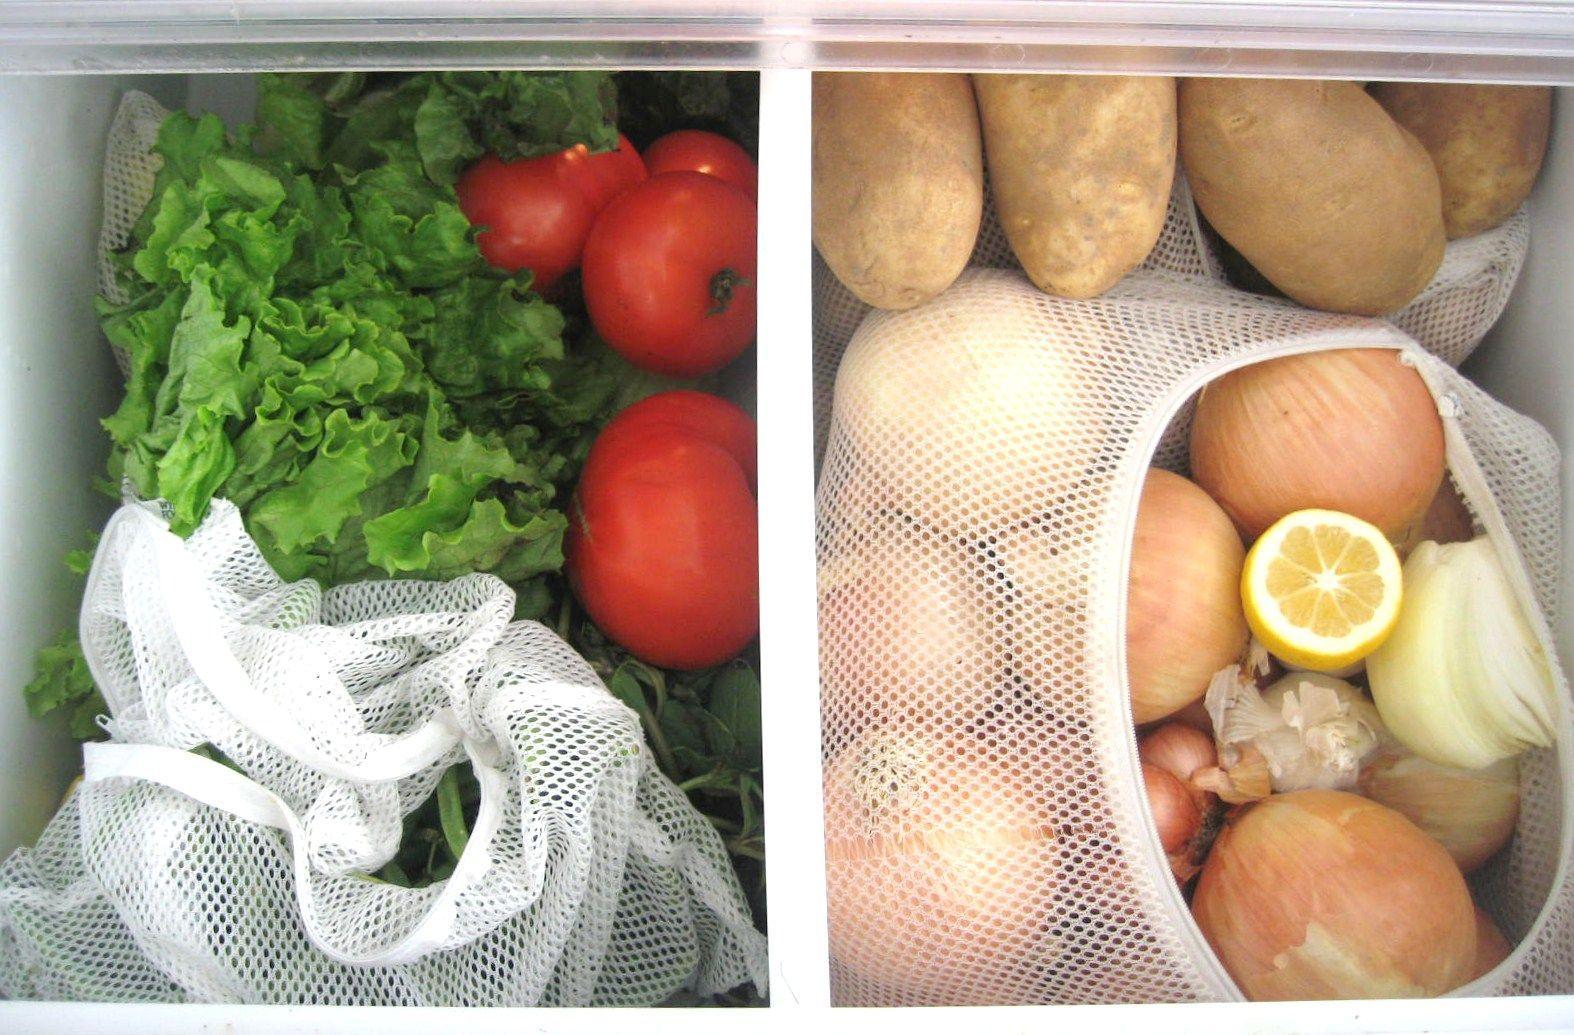 Przechowywanie warzyw (fot. Bea Johnson)